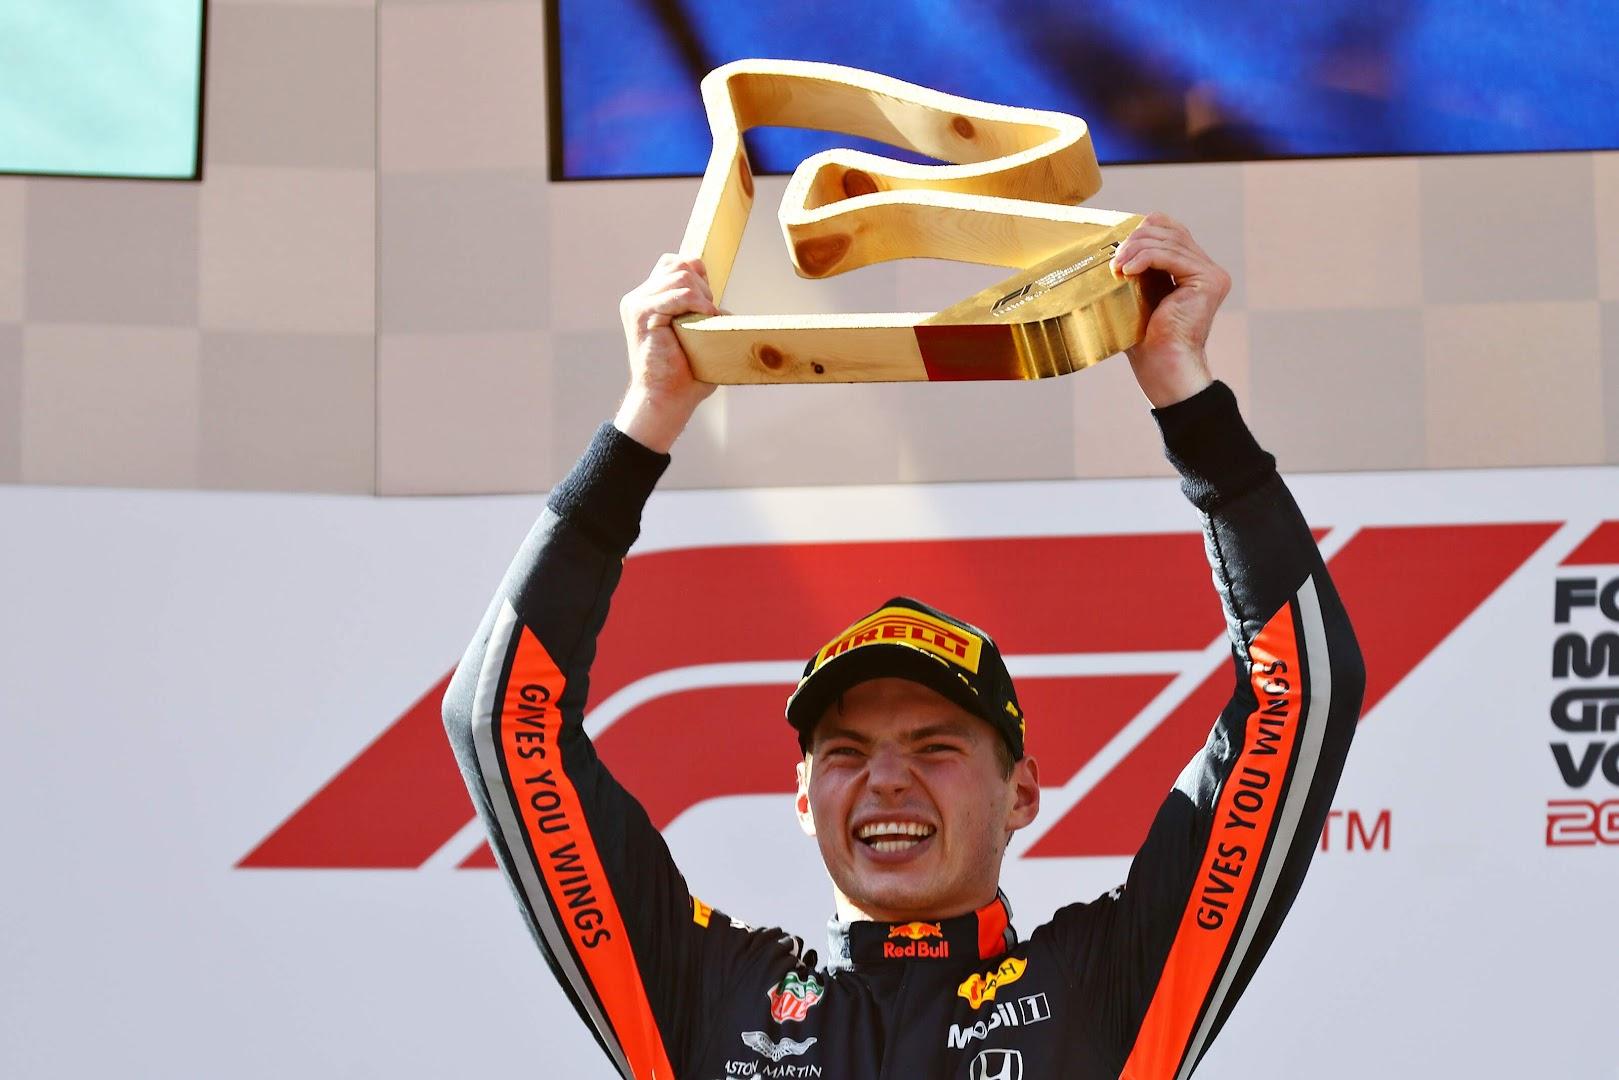 F1第9戦オーストリアGP表彰台でトロフィーを掲げる笑顔のフェルスタッペン